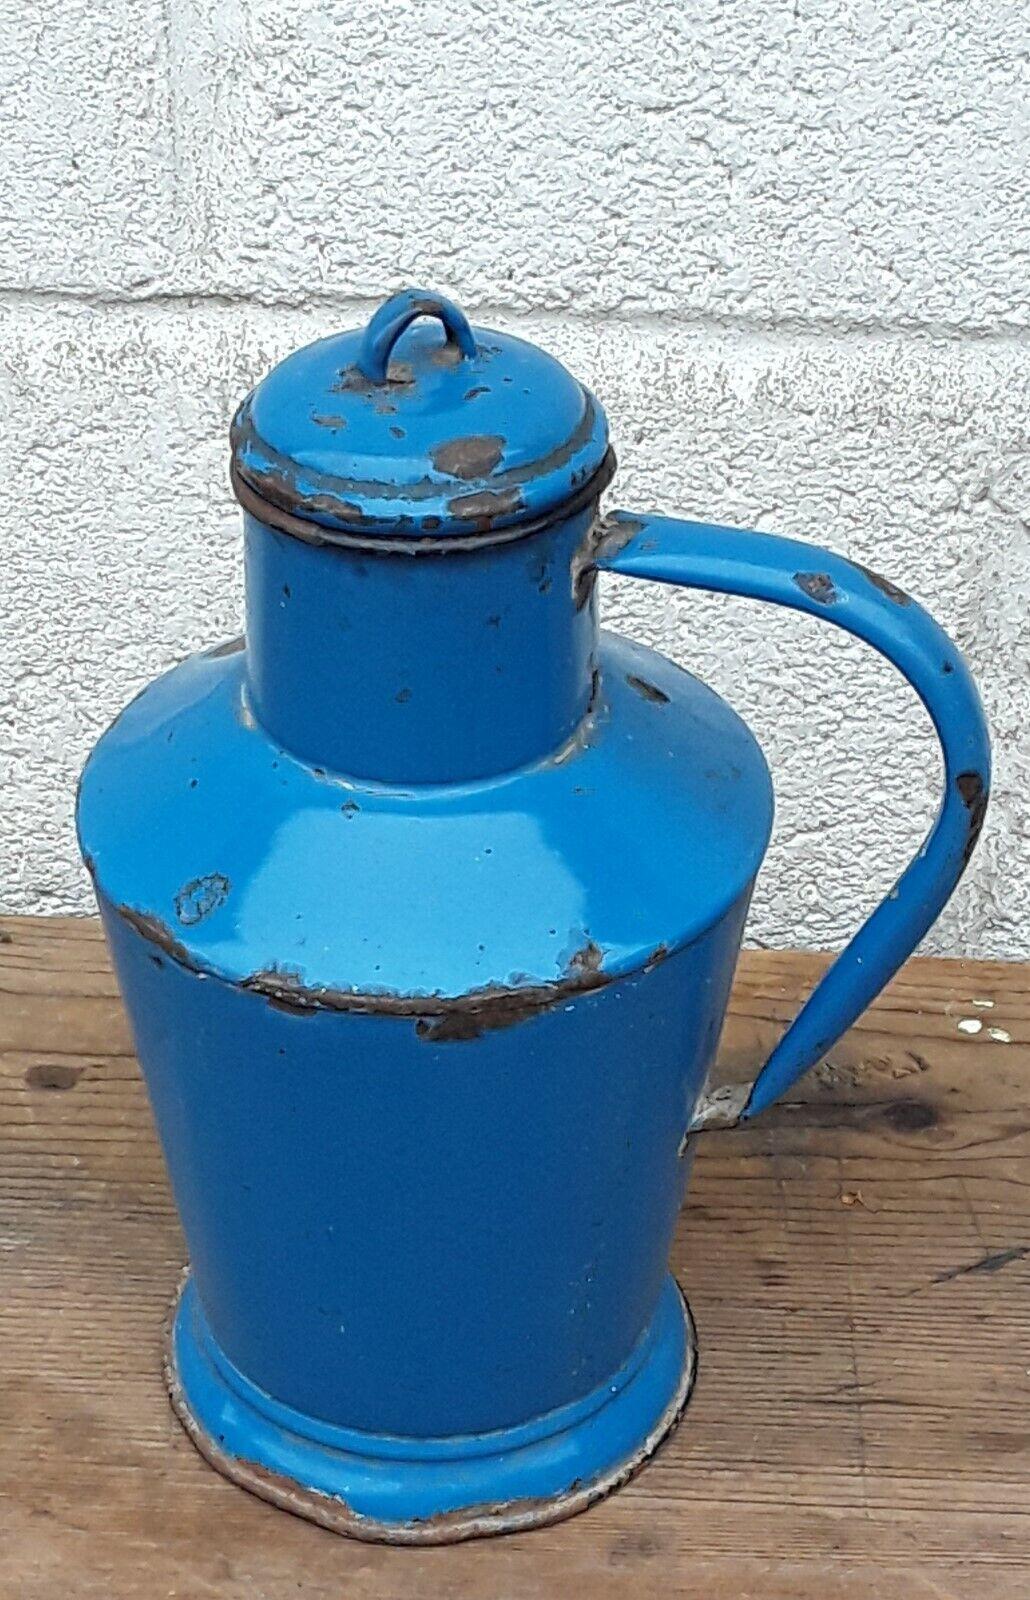 Vintage Enamel Metal Pitcher Jug Handled Hungarian Garden Patio Floor Vase